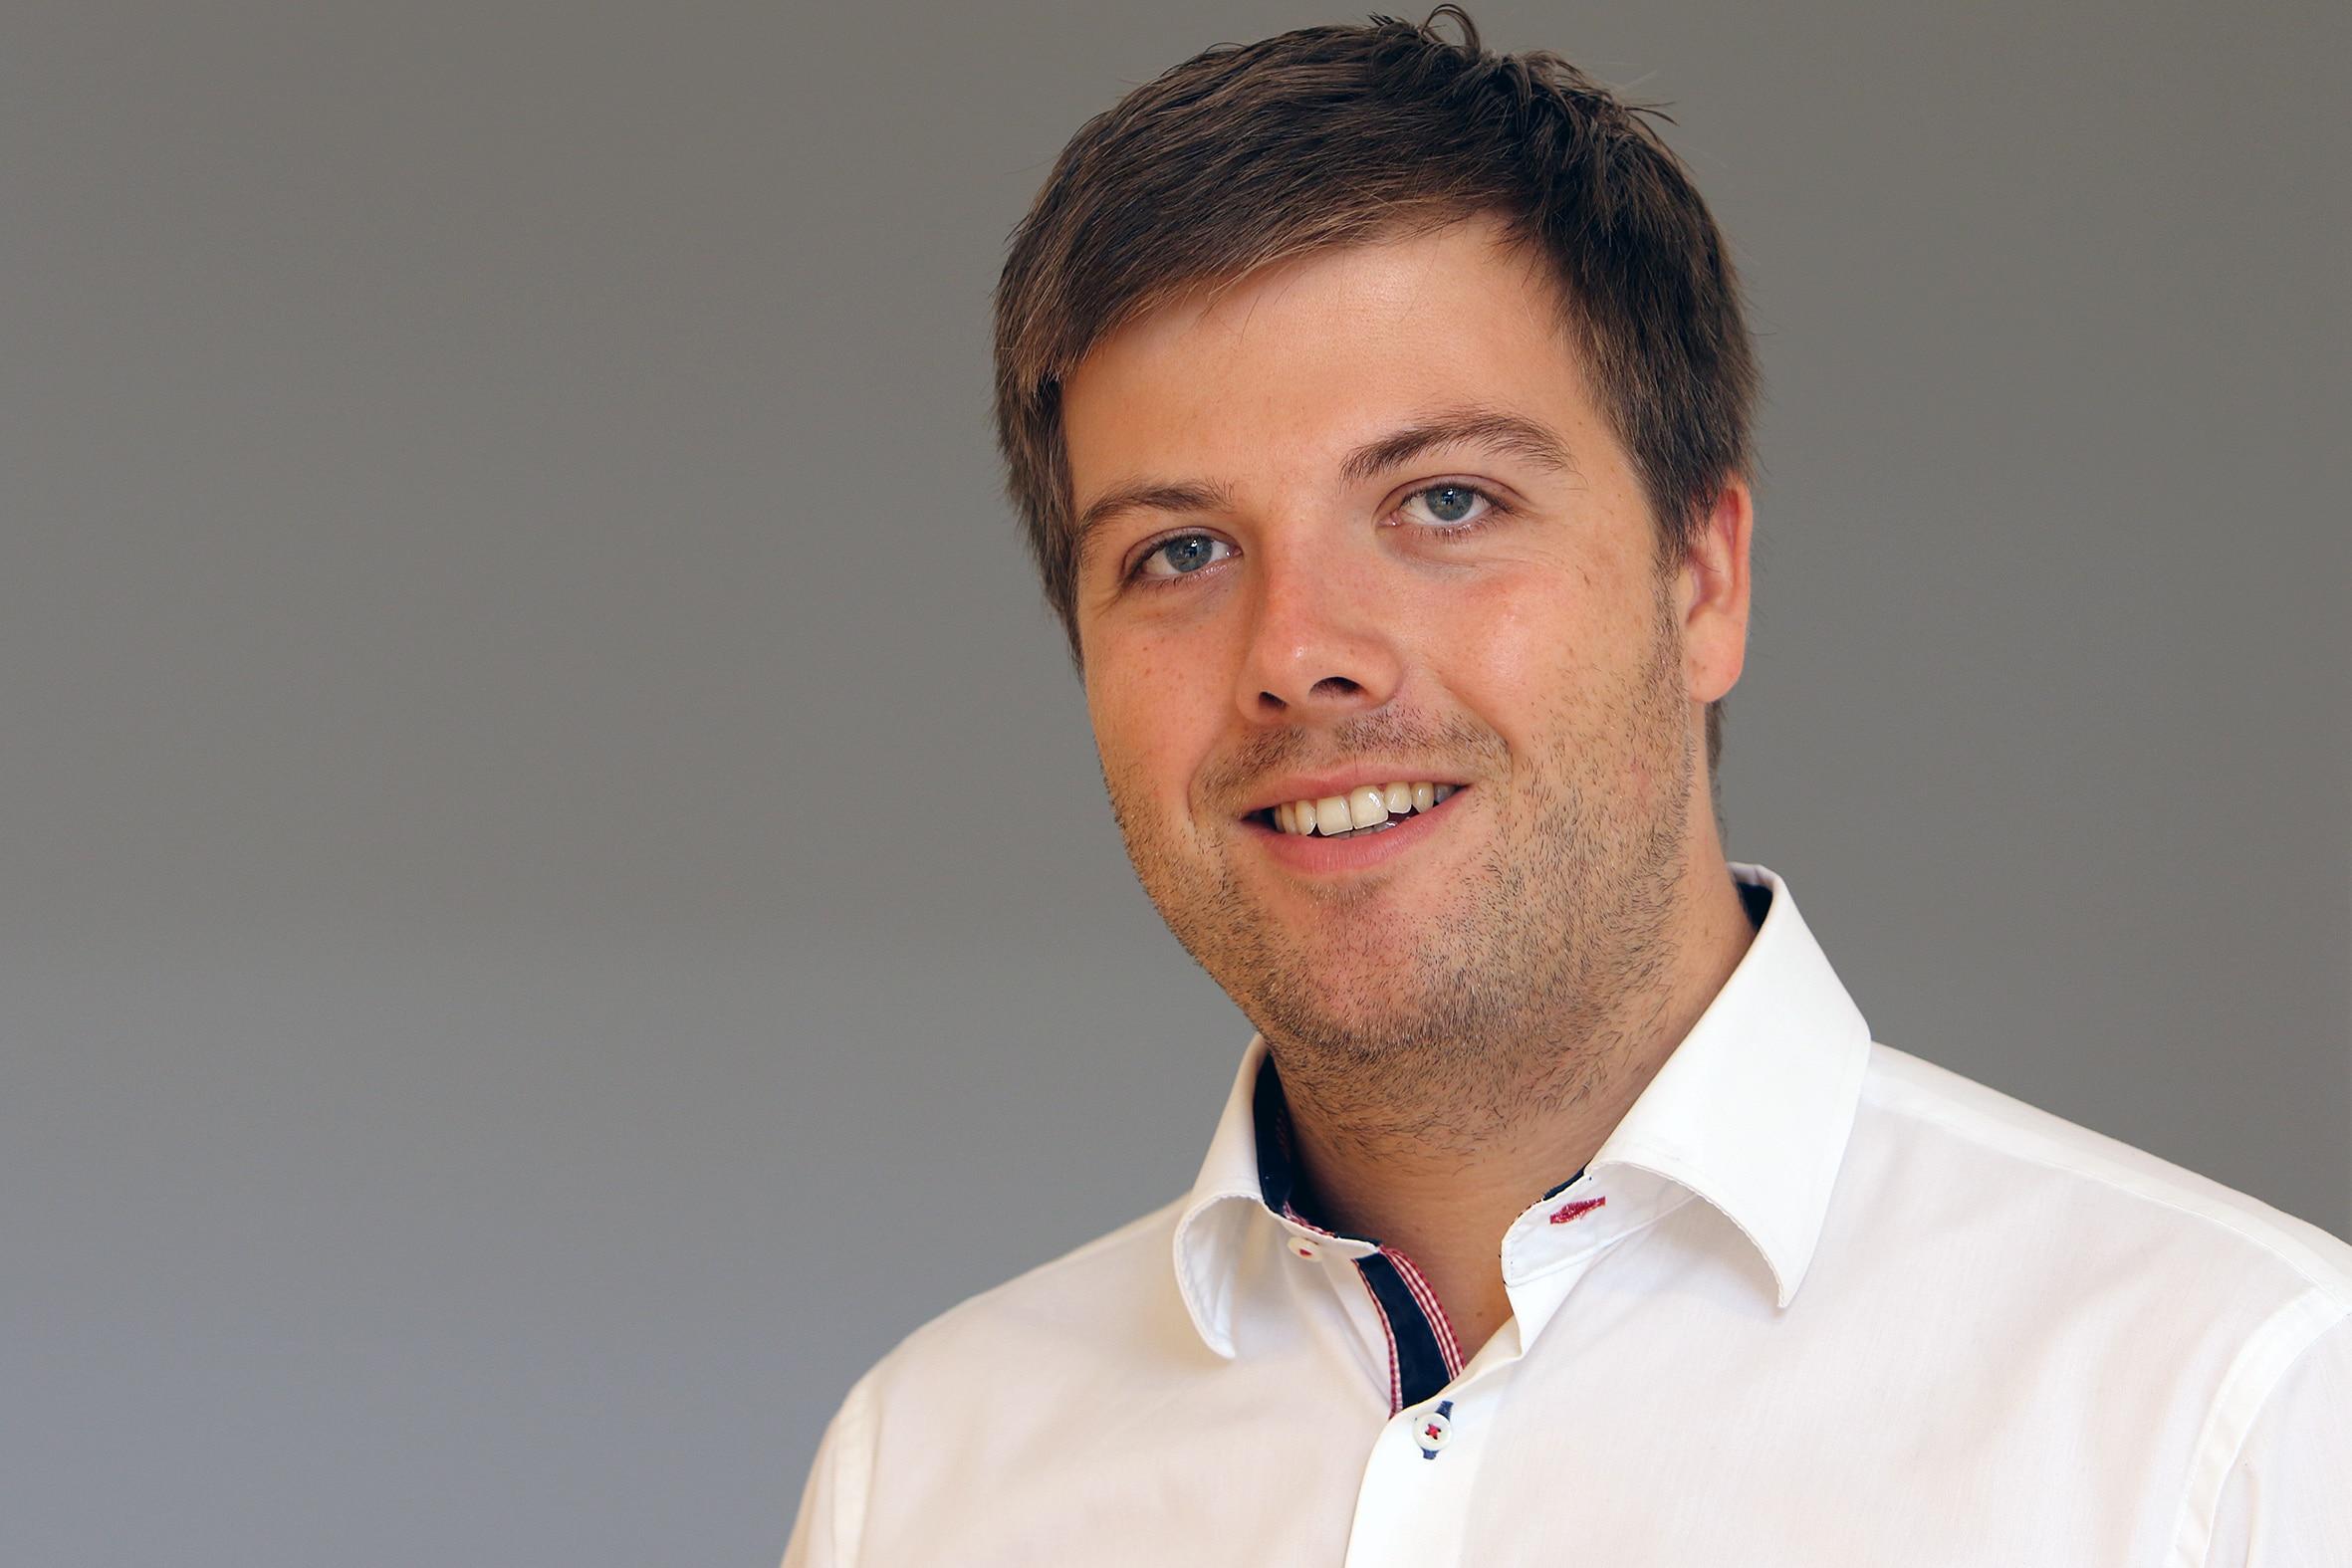 Fabian Sandkühler